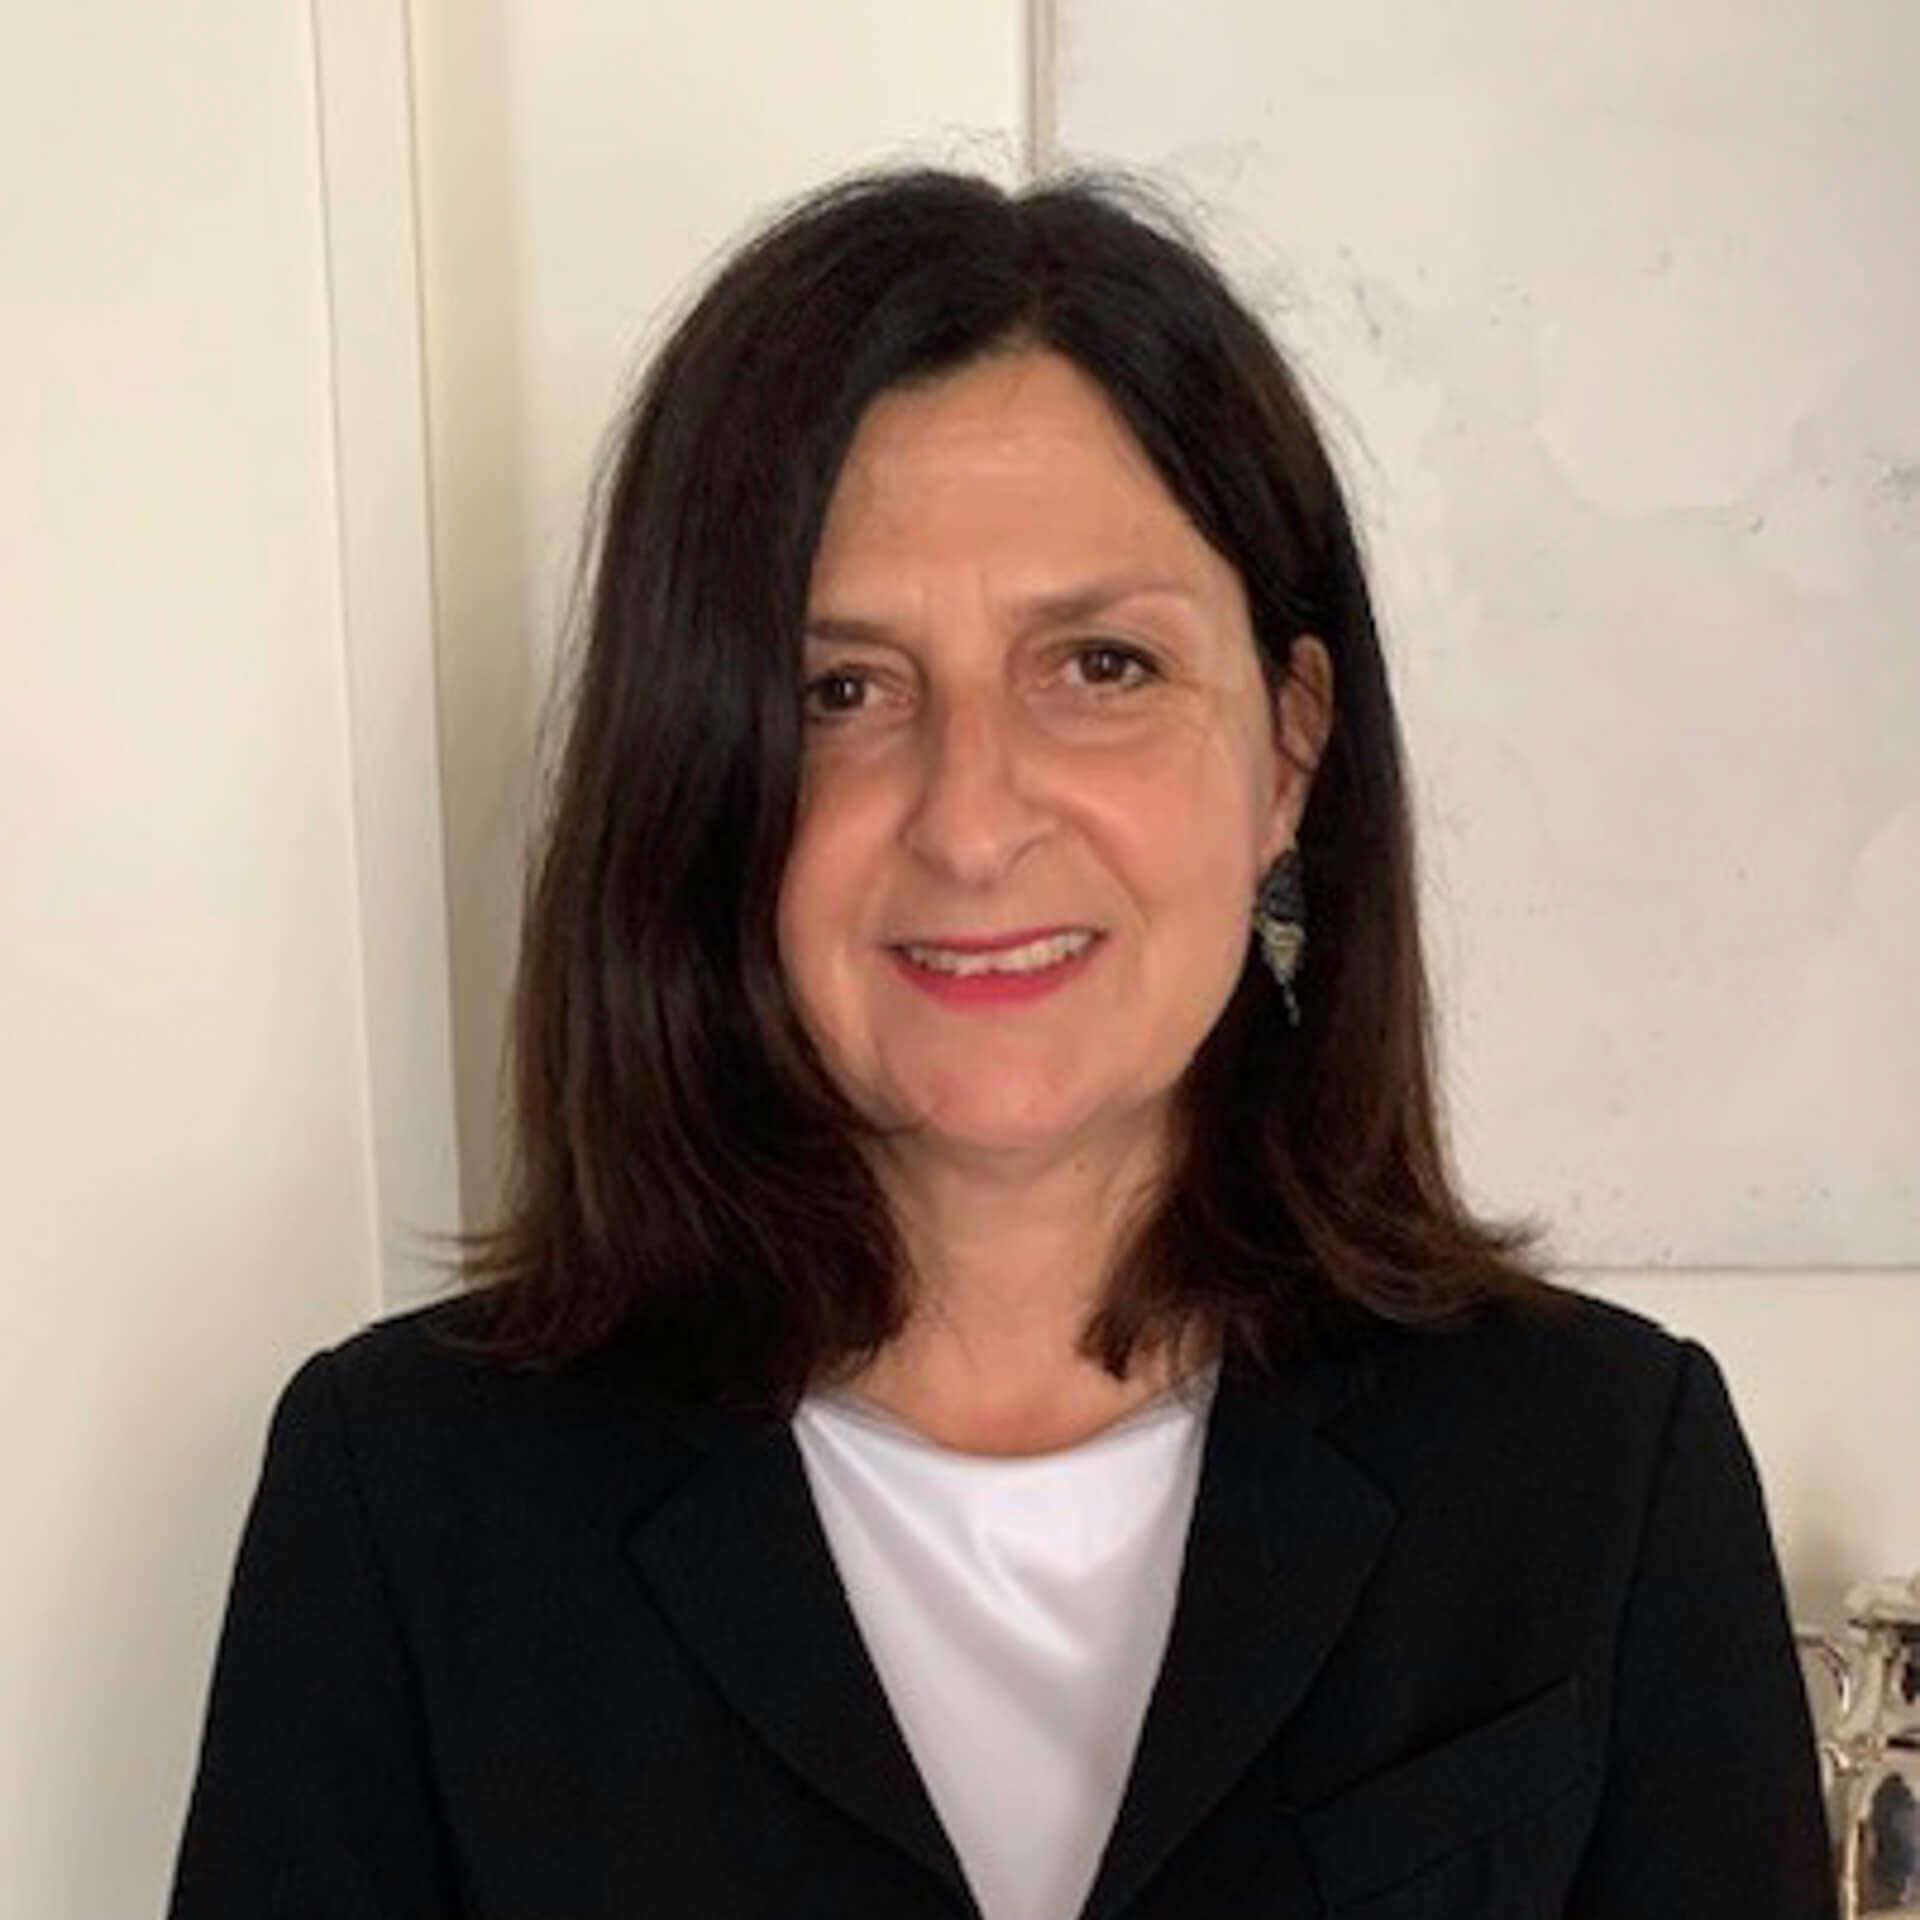 Laura Serafini